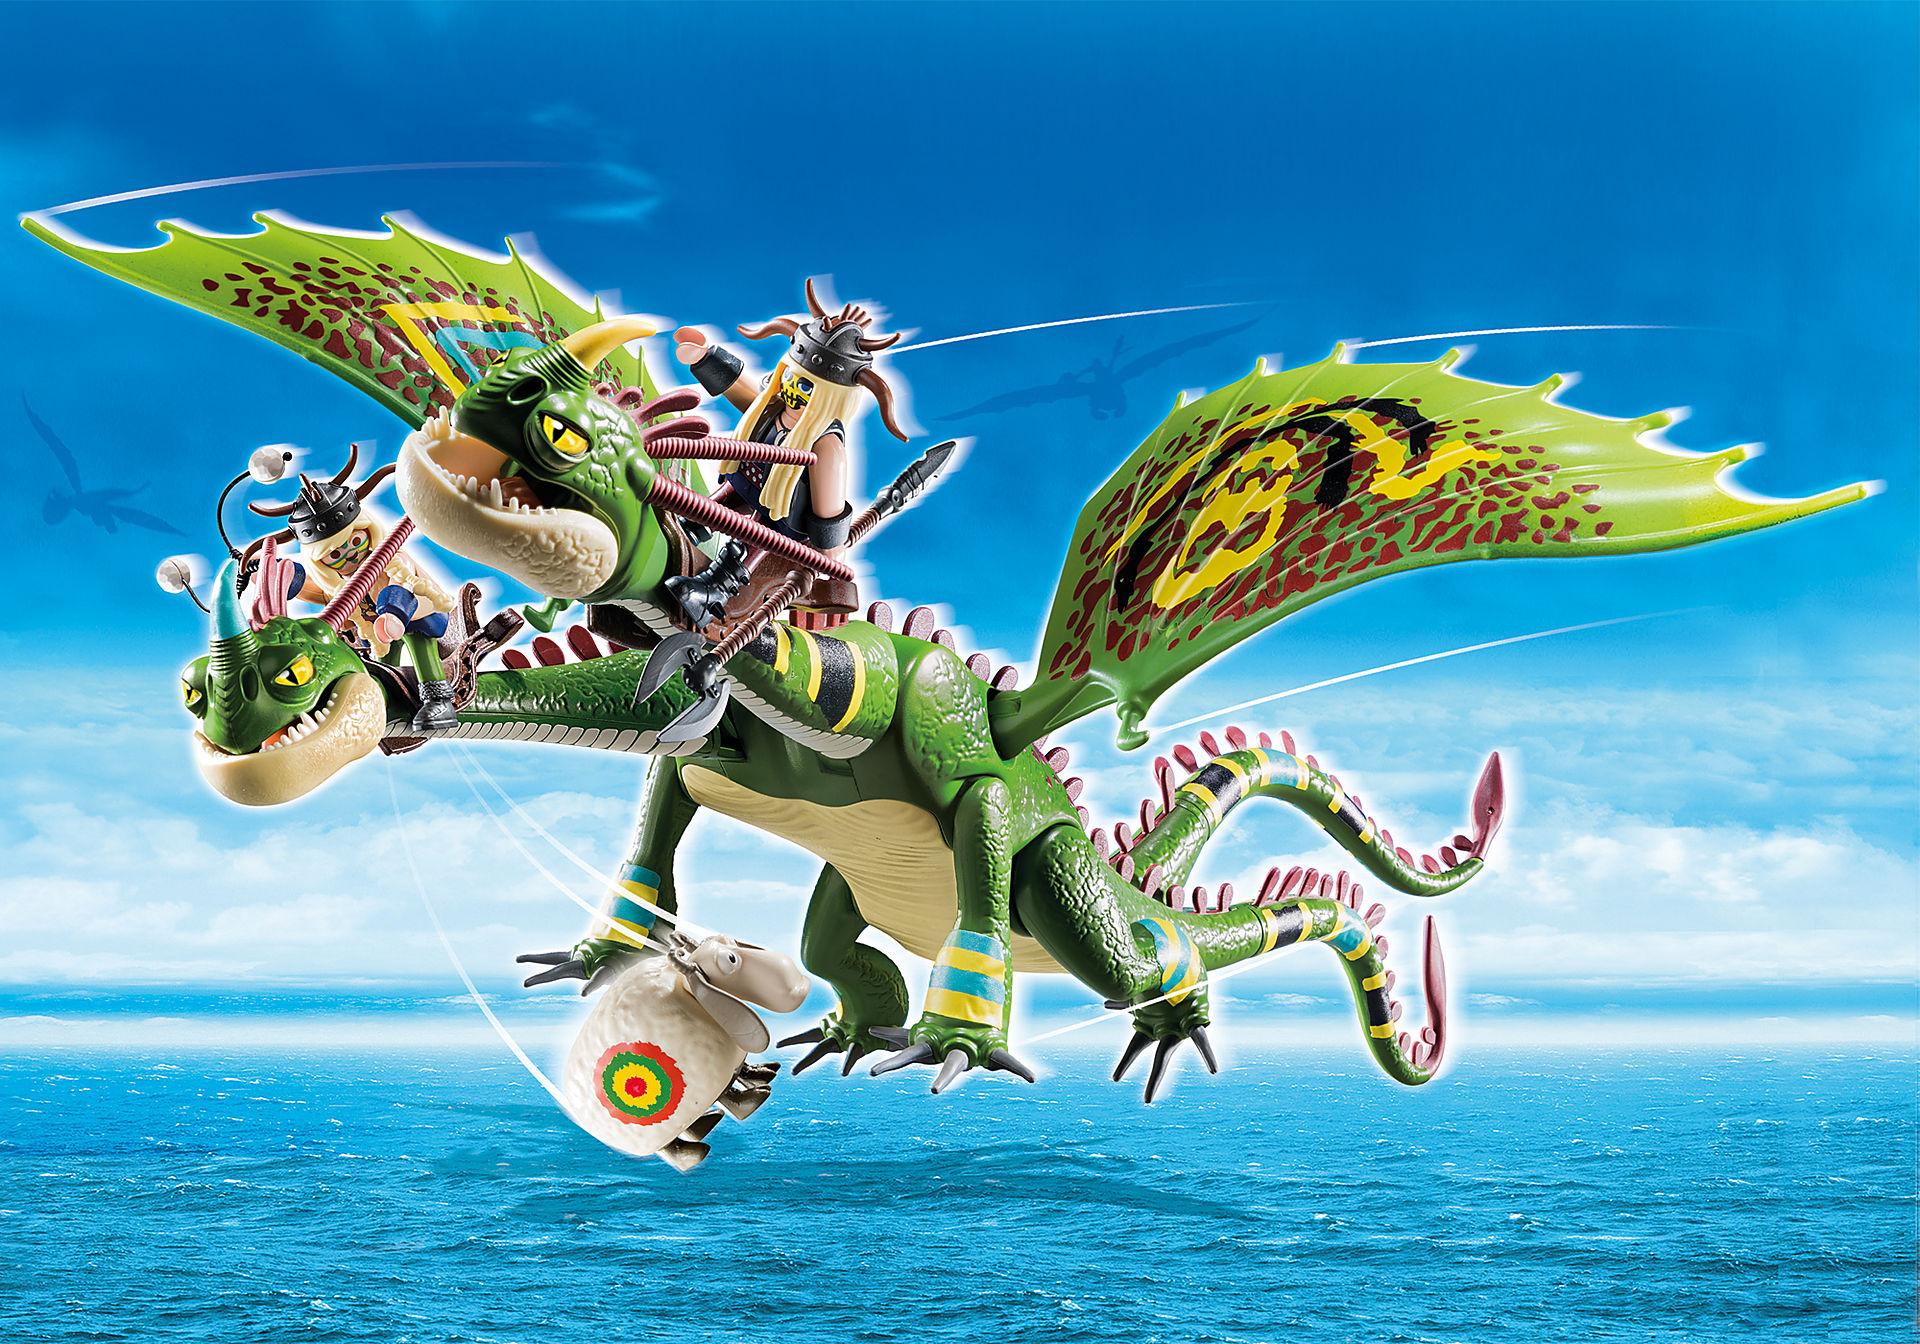 70730 Dragon Racing: Szpadka i Mieczyk z Jot + Wym zoom image1